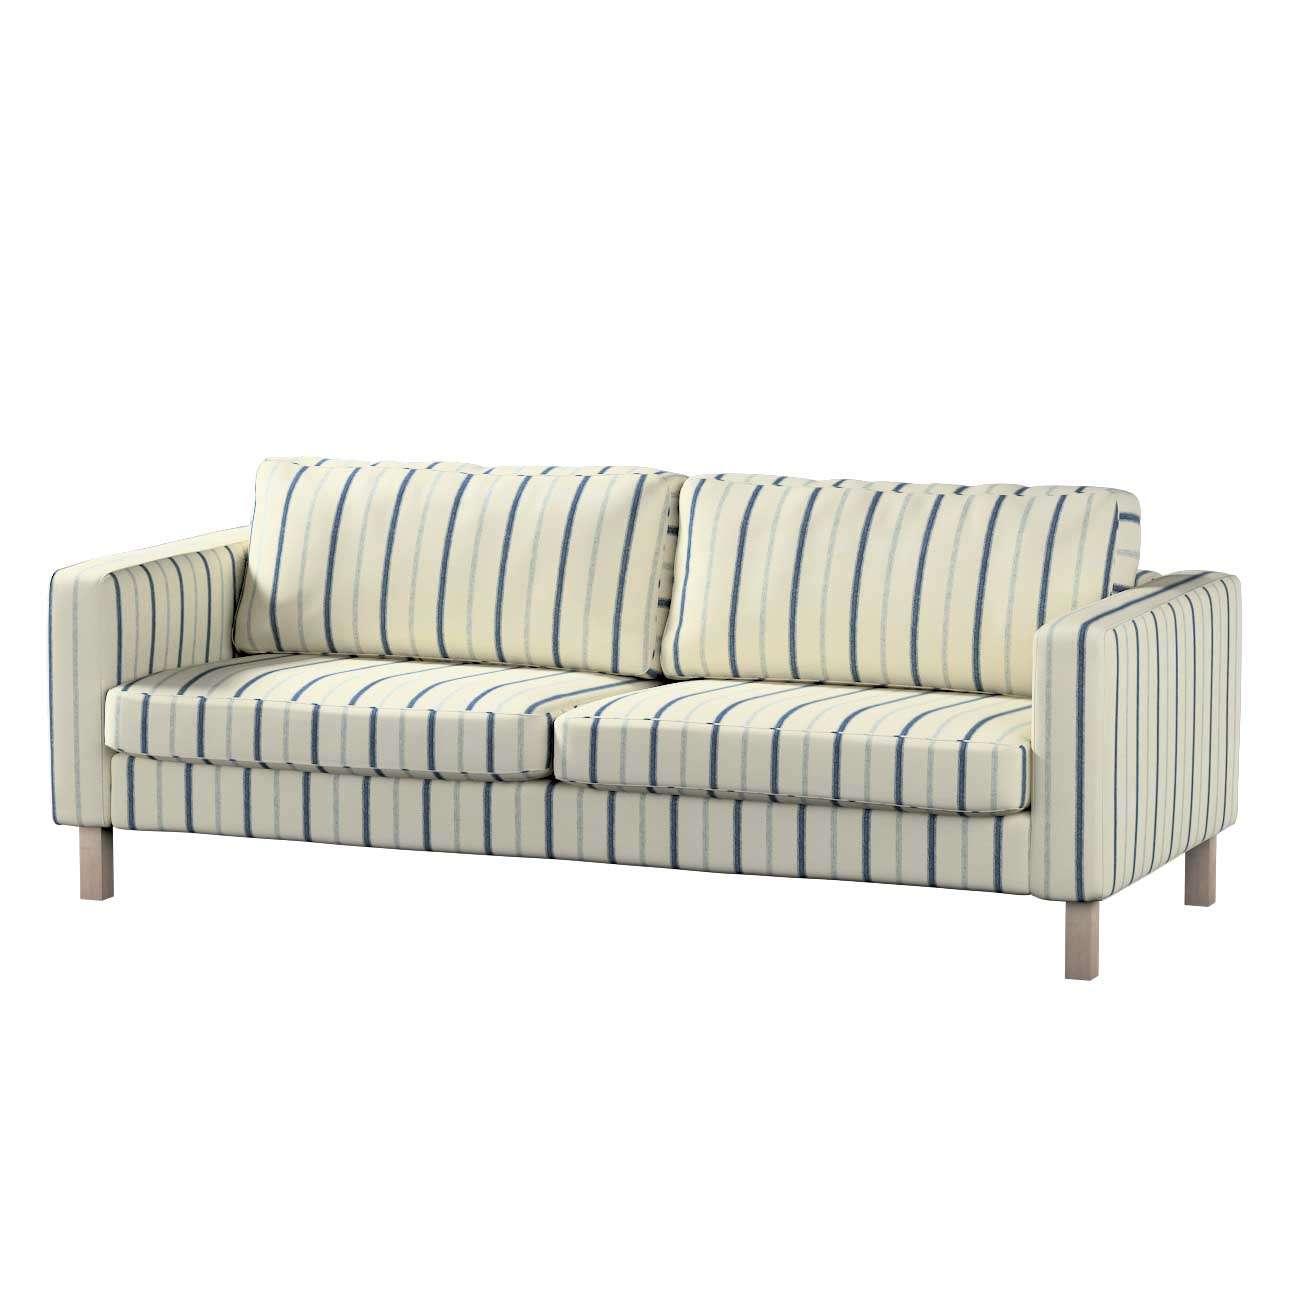 Pokrowiec na sofę Karlstad 3-osobową nierozkładaną, krótki Sofa Karlstad 3-osobowa w kolekcji Avinon, tkanina: 129-66